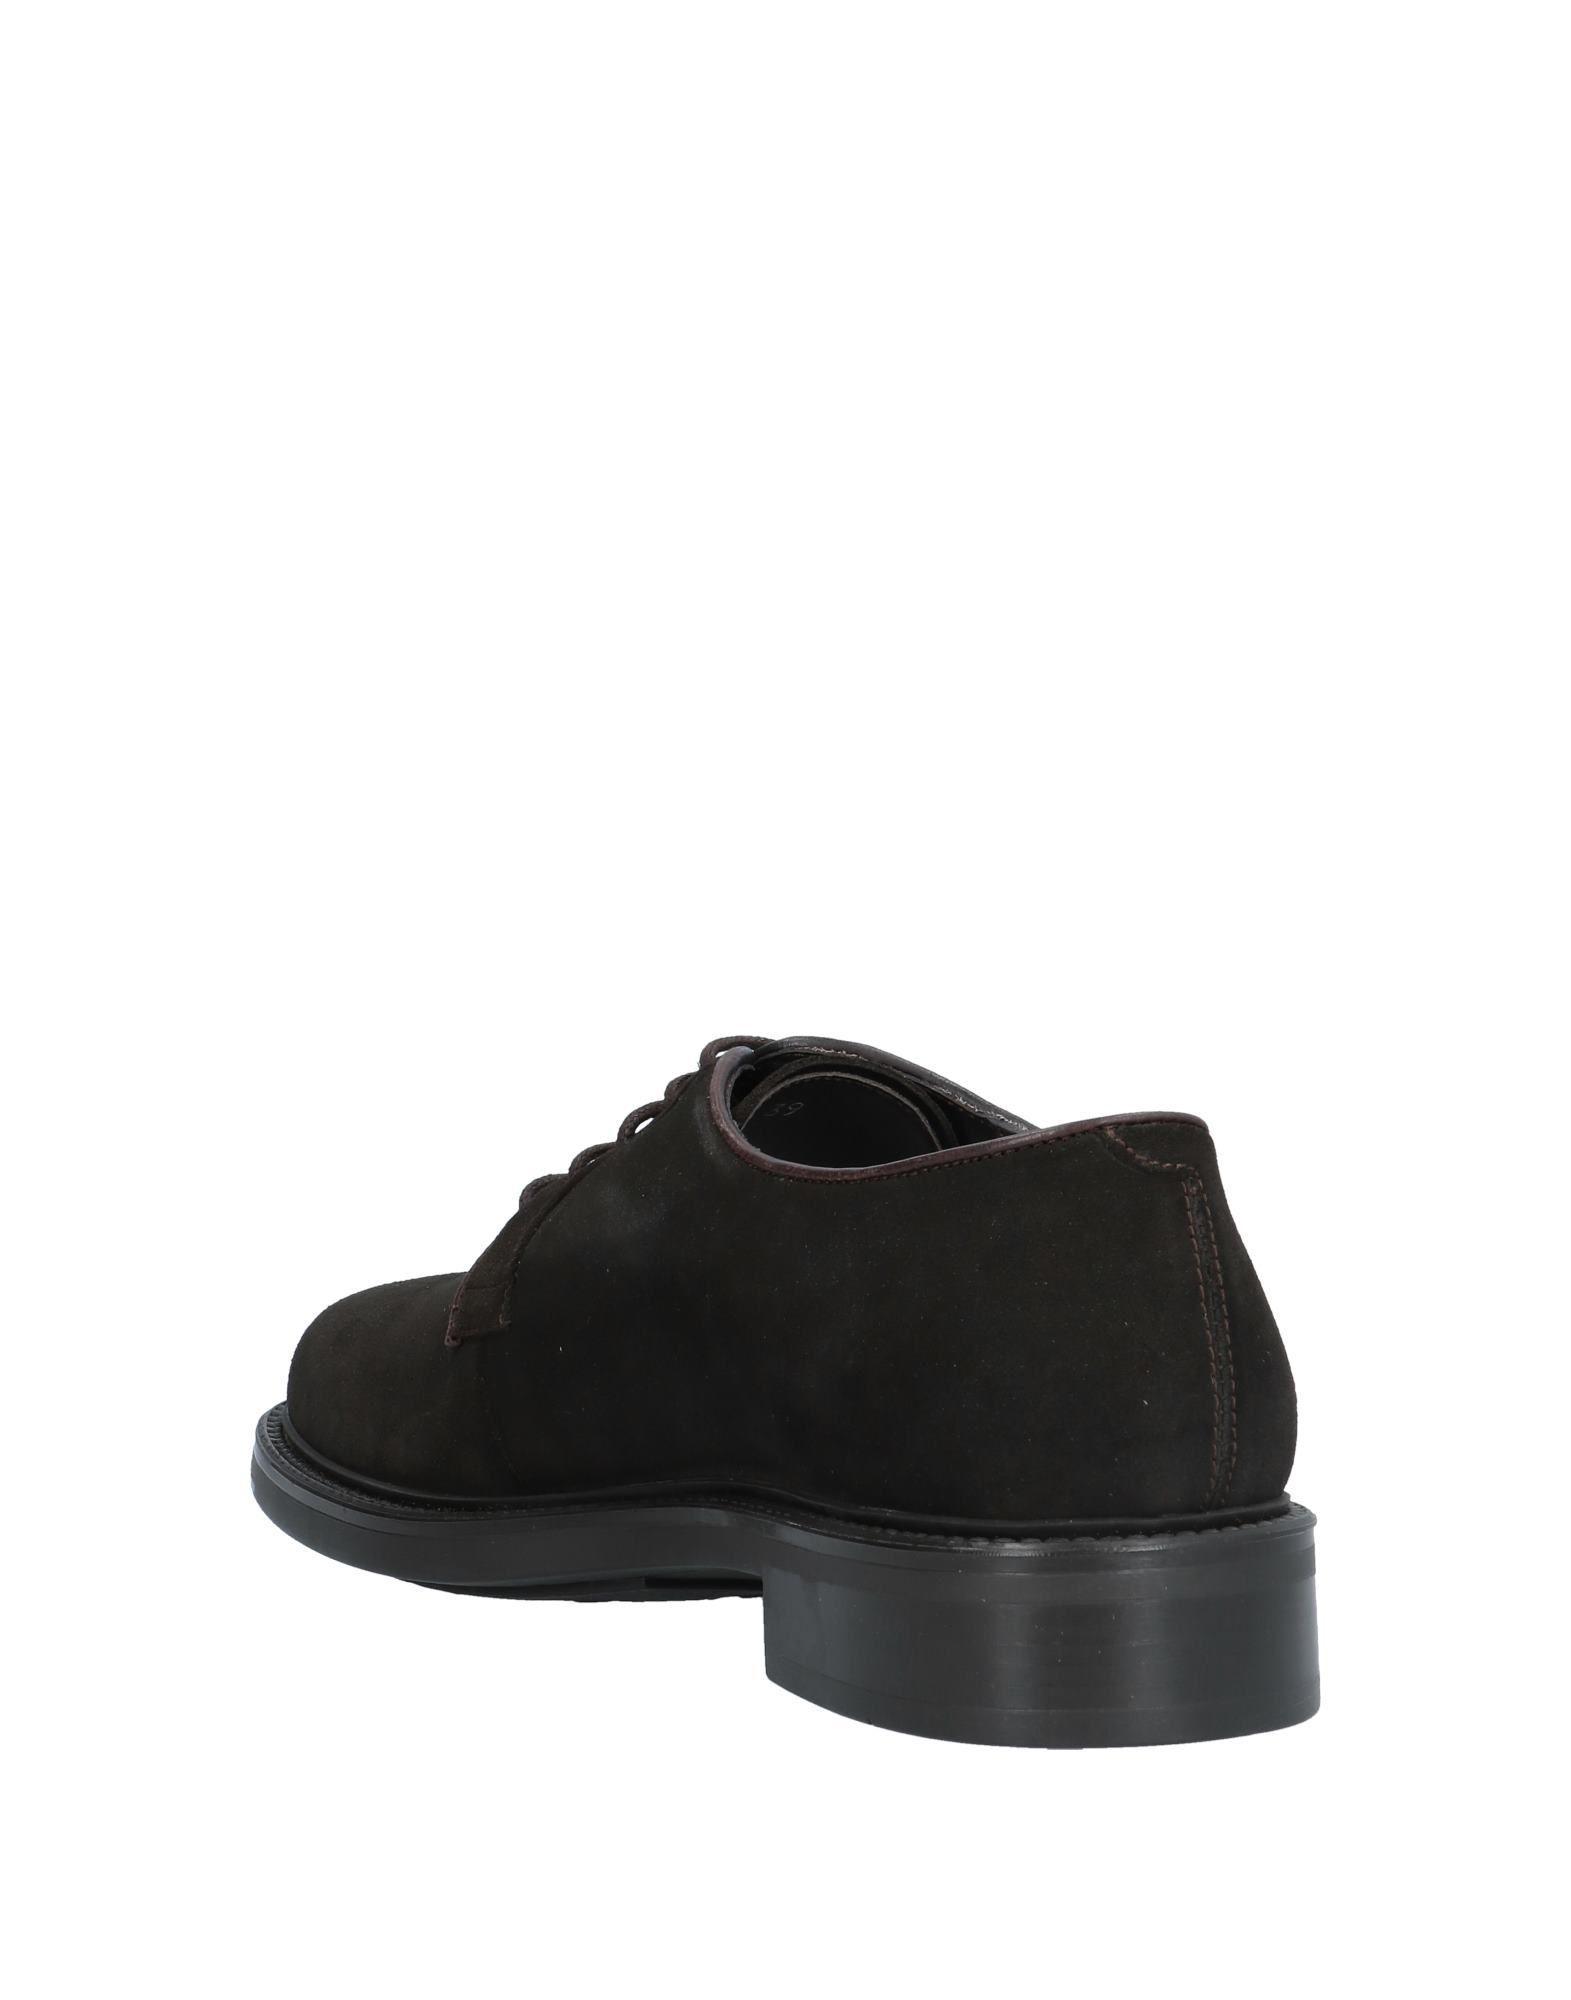 Zapatos de cordones Triver Flight de hombre de color Negro